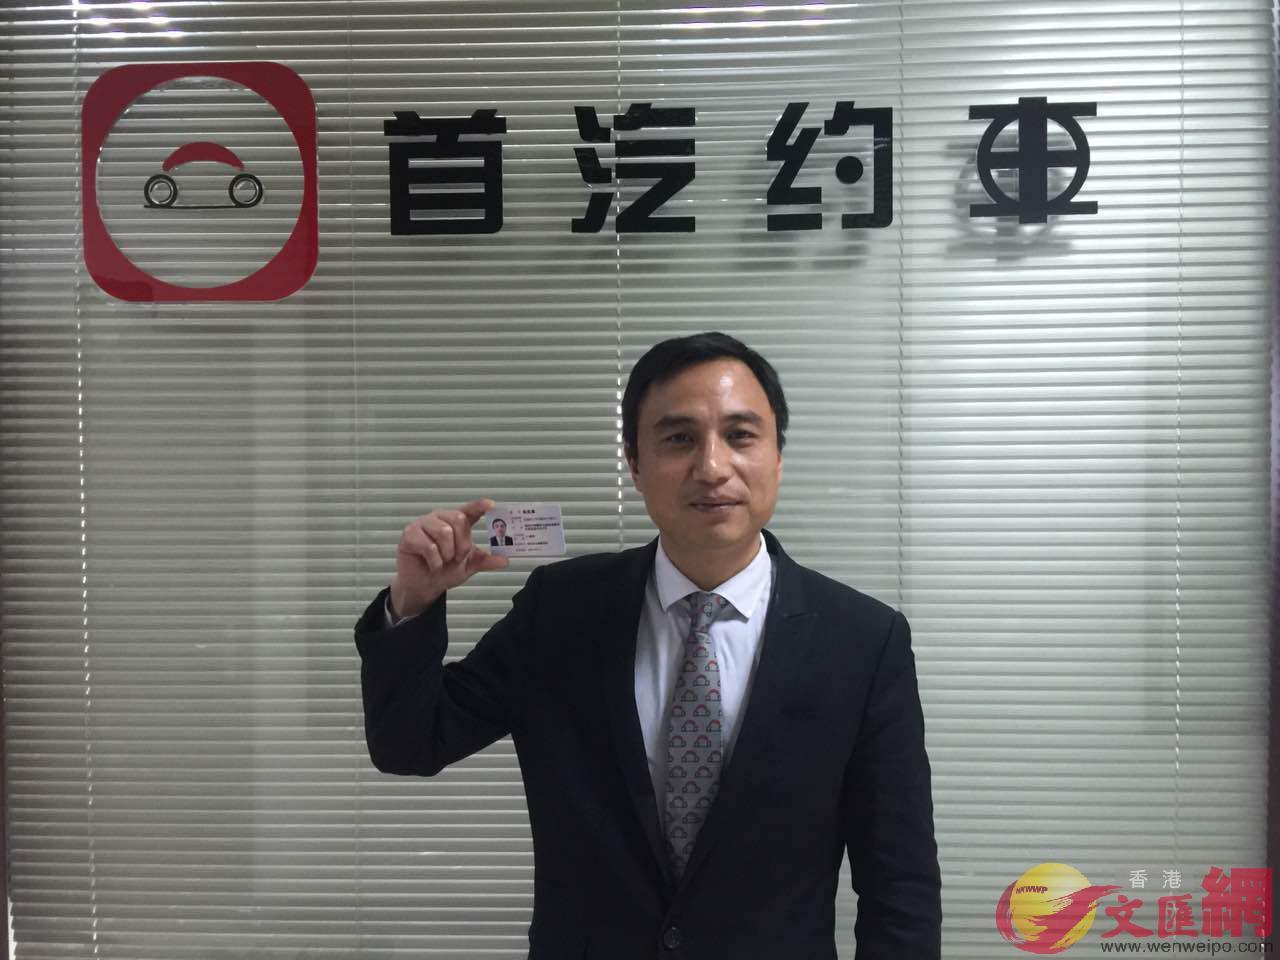 瀋陽網約車新政下誕生的首個網約車司機即網約車駕駛員證中001號的擁有者宋繼巖,是首汽約車瀋陽分公司車隊的班長。